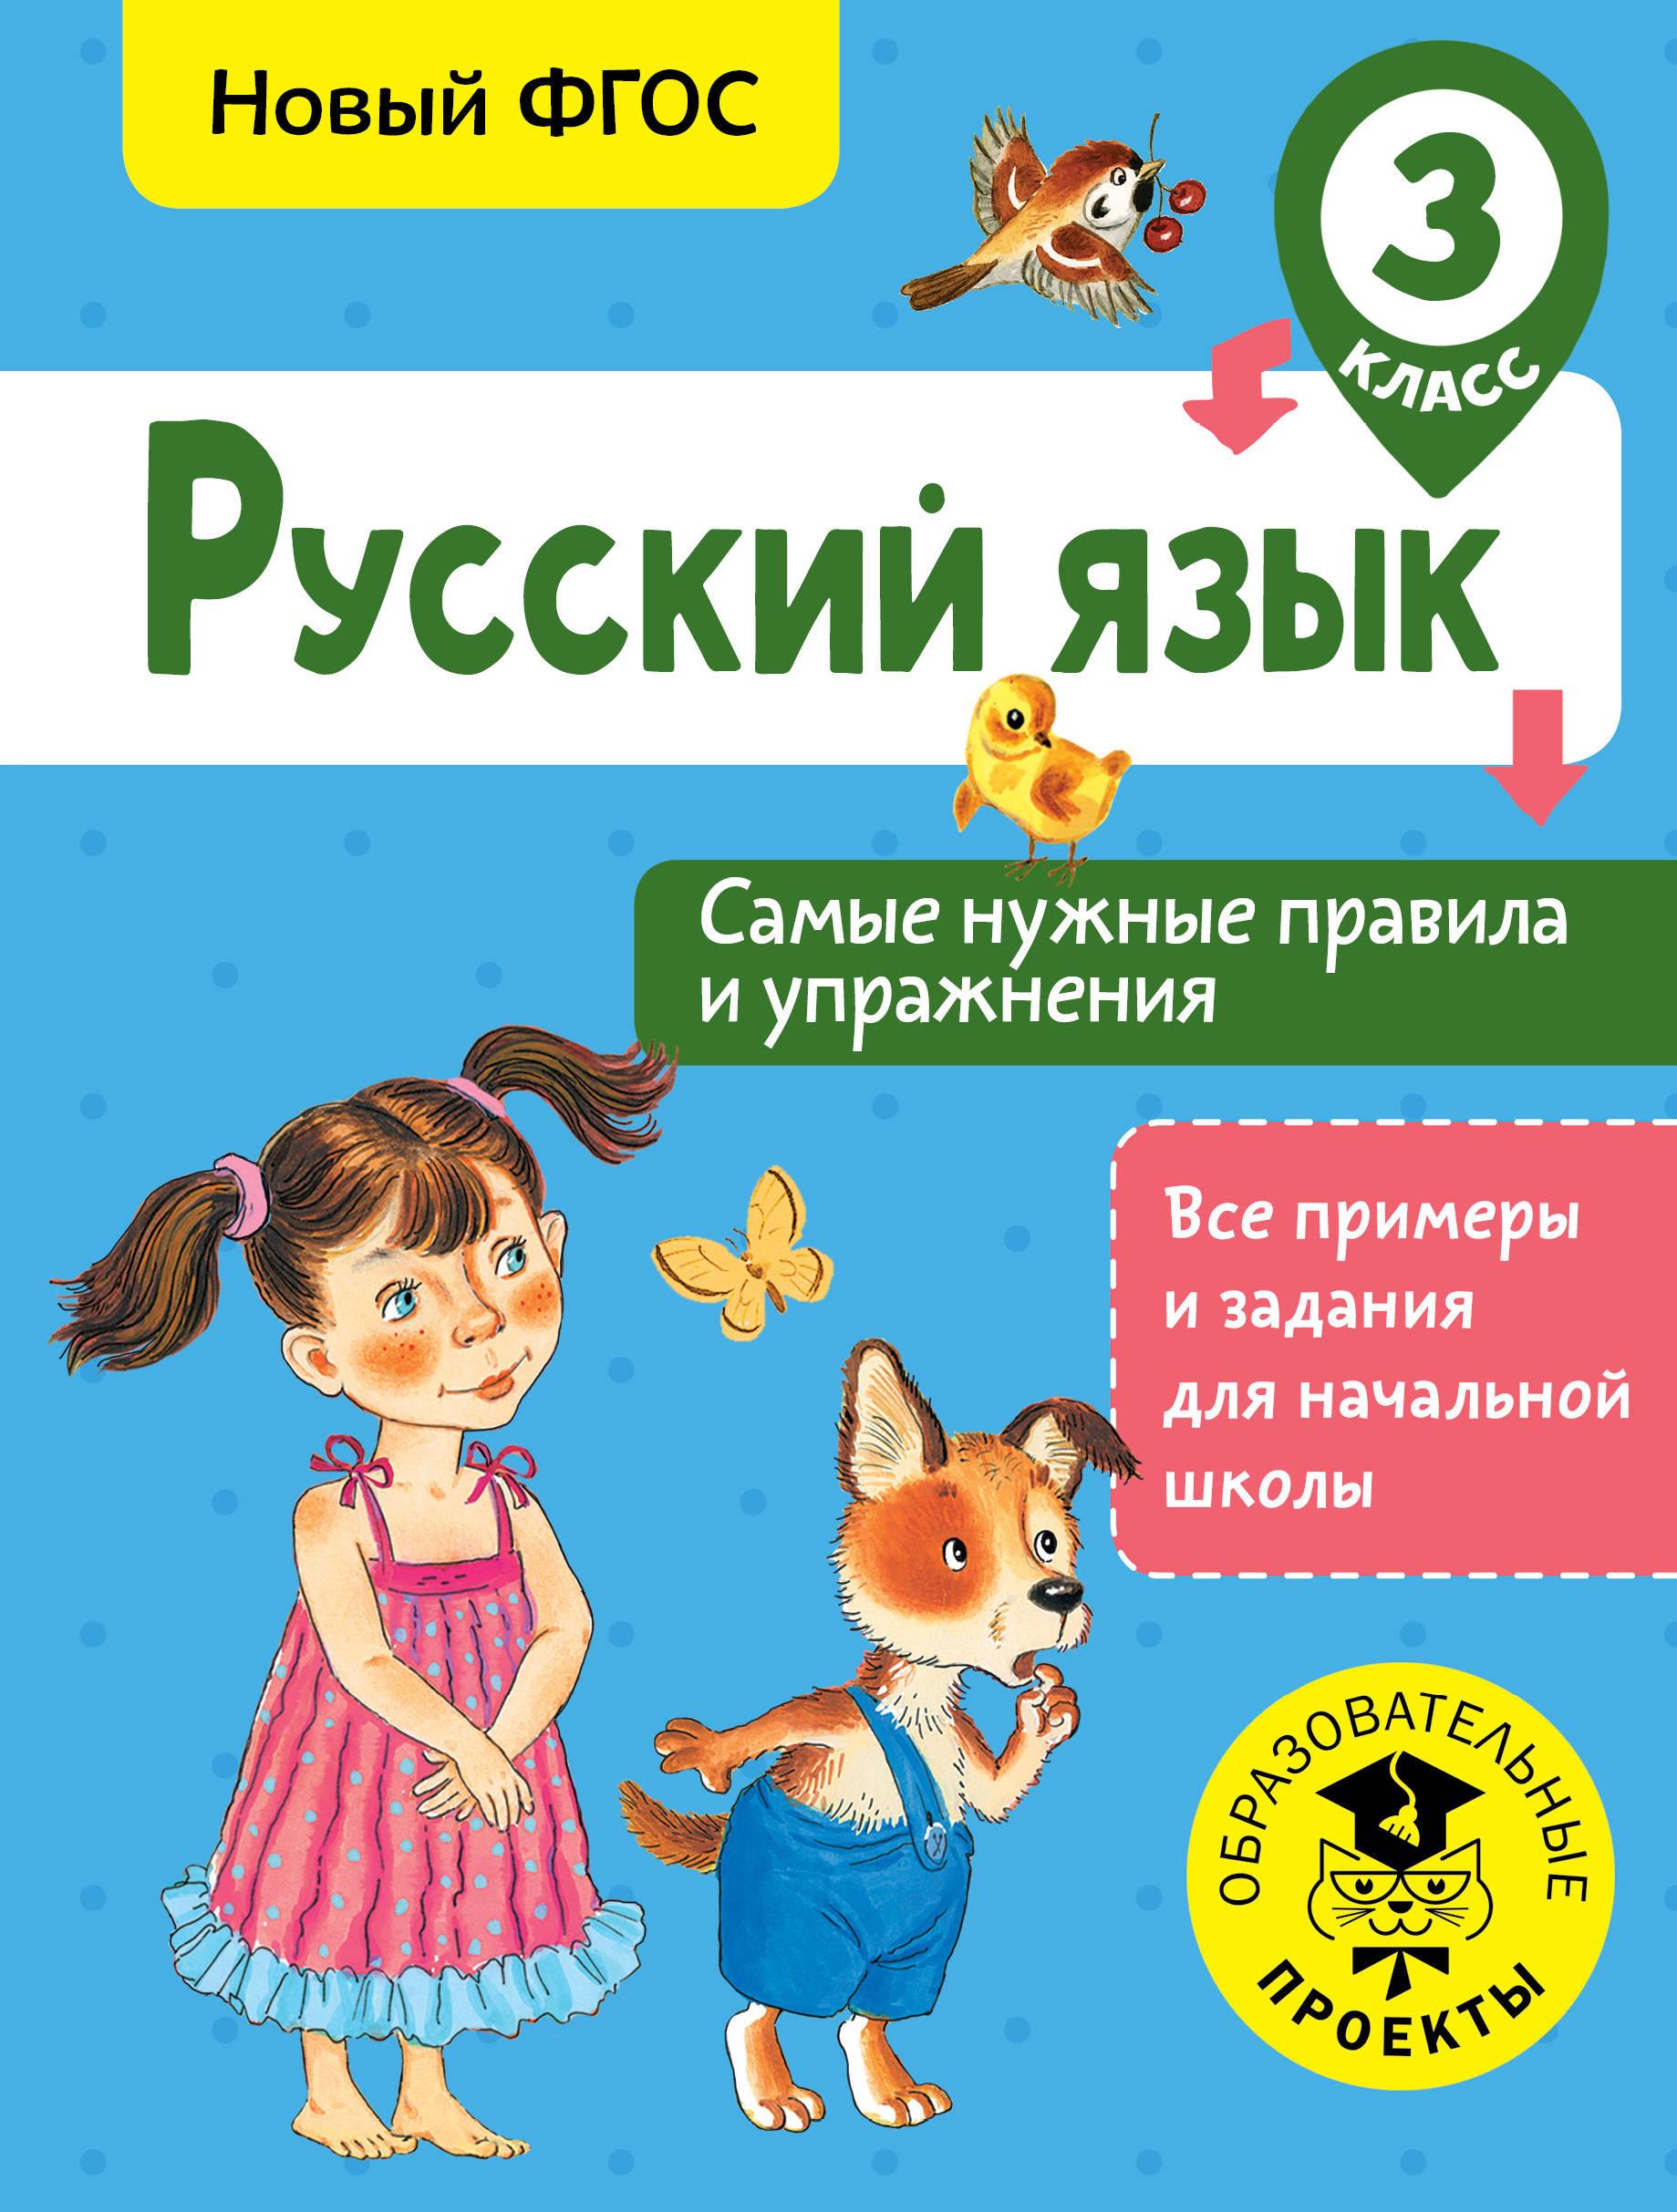 Русский язык. Самые нужные правила и упражнения. 3 класс ( Шевелёва Н.Н.  )